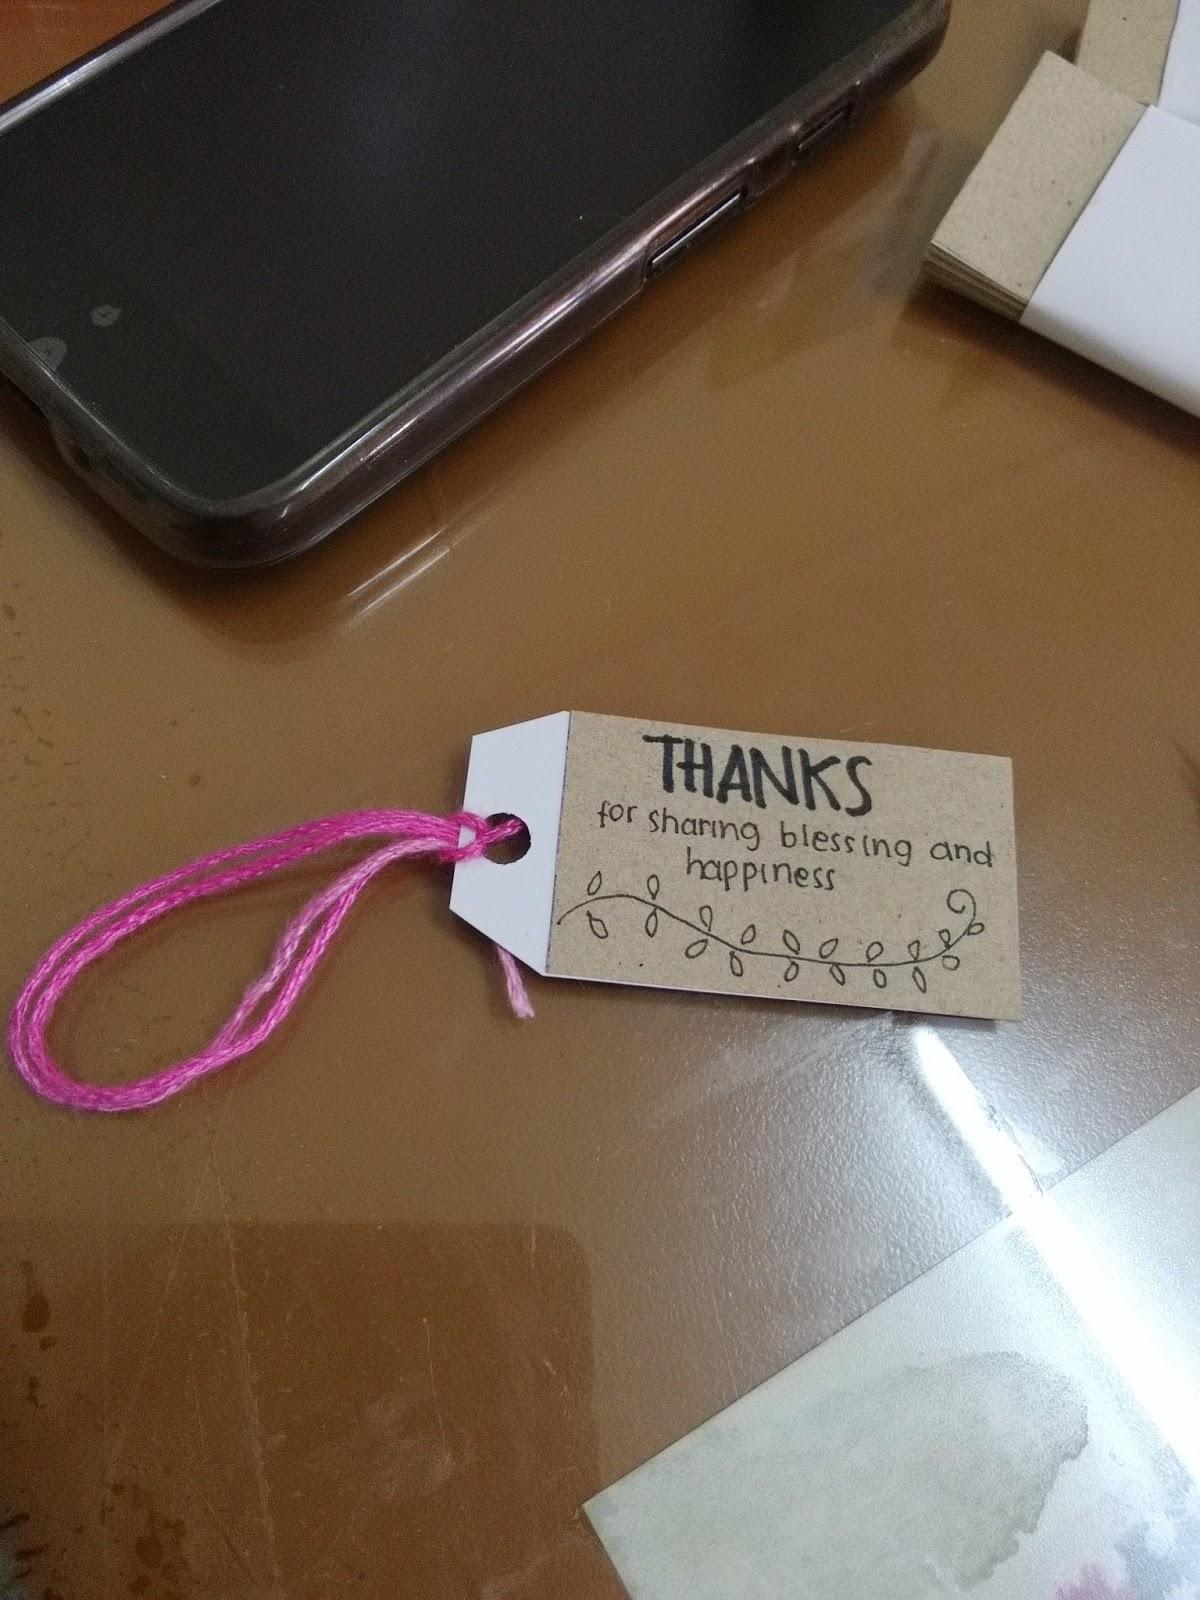 Corat Coret Tikameira Diy How To Make Greeting Cards Ucapan Kartu Terima Kasih Souvenir Lanjutkan Tulisan Dan Gambar Pada Sisi Lainnya